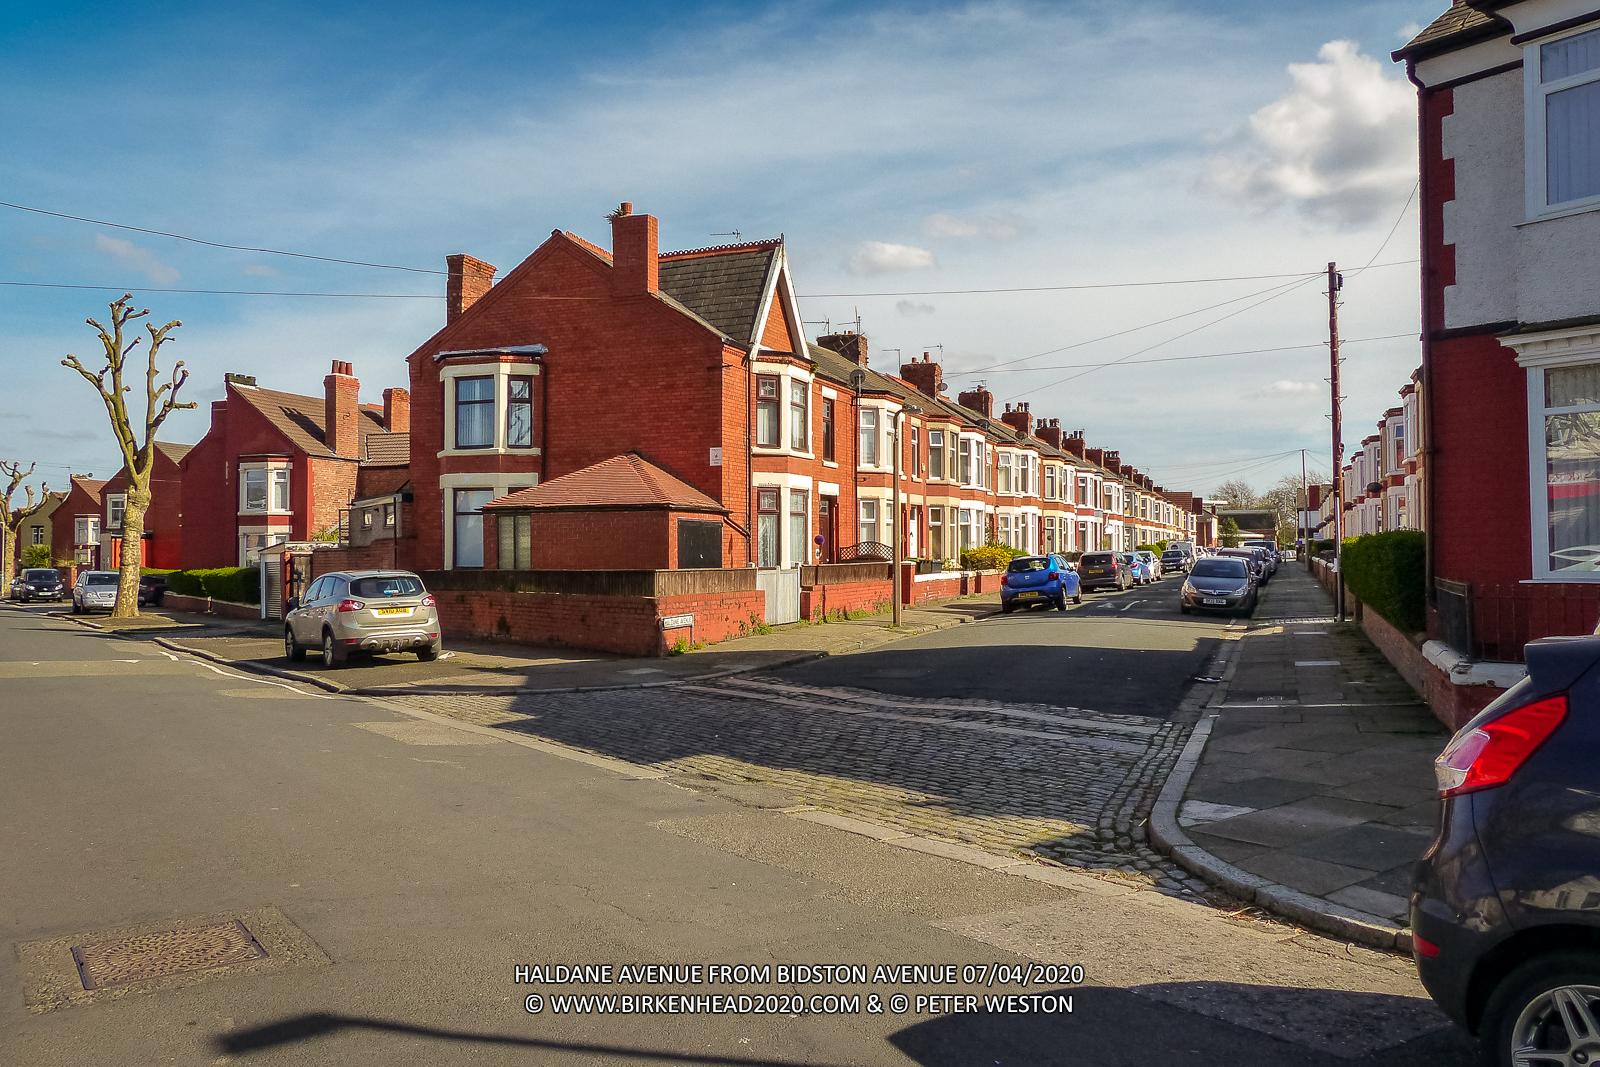 Haldane Avenue